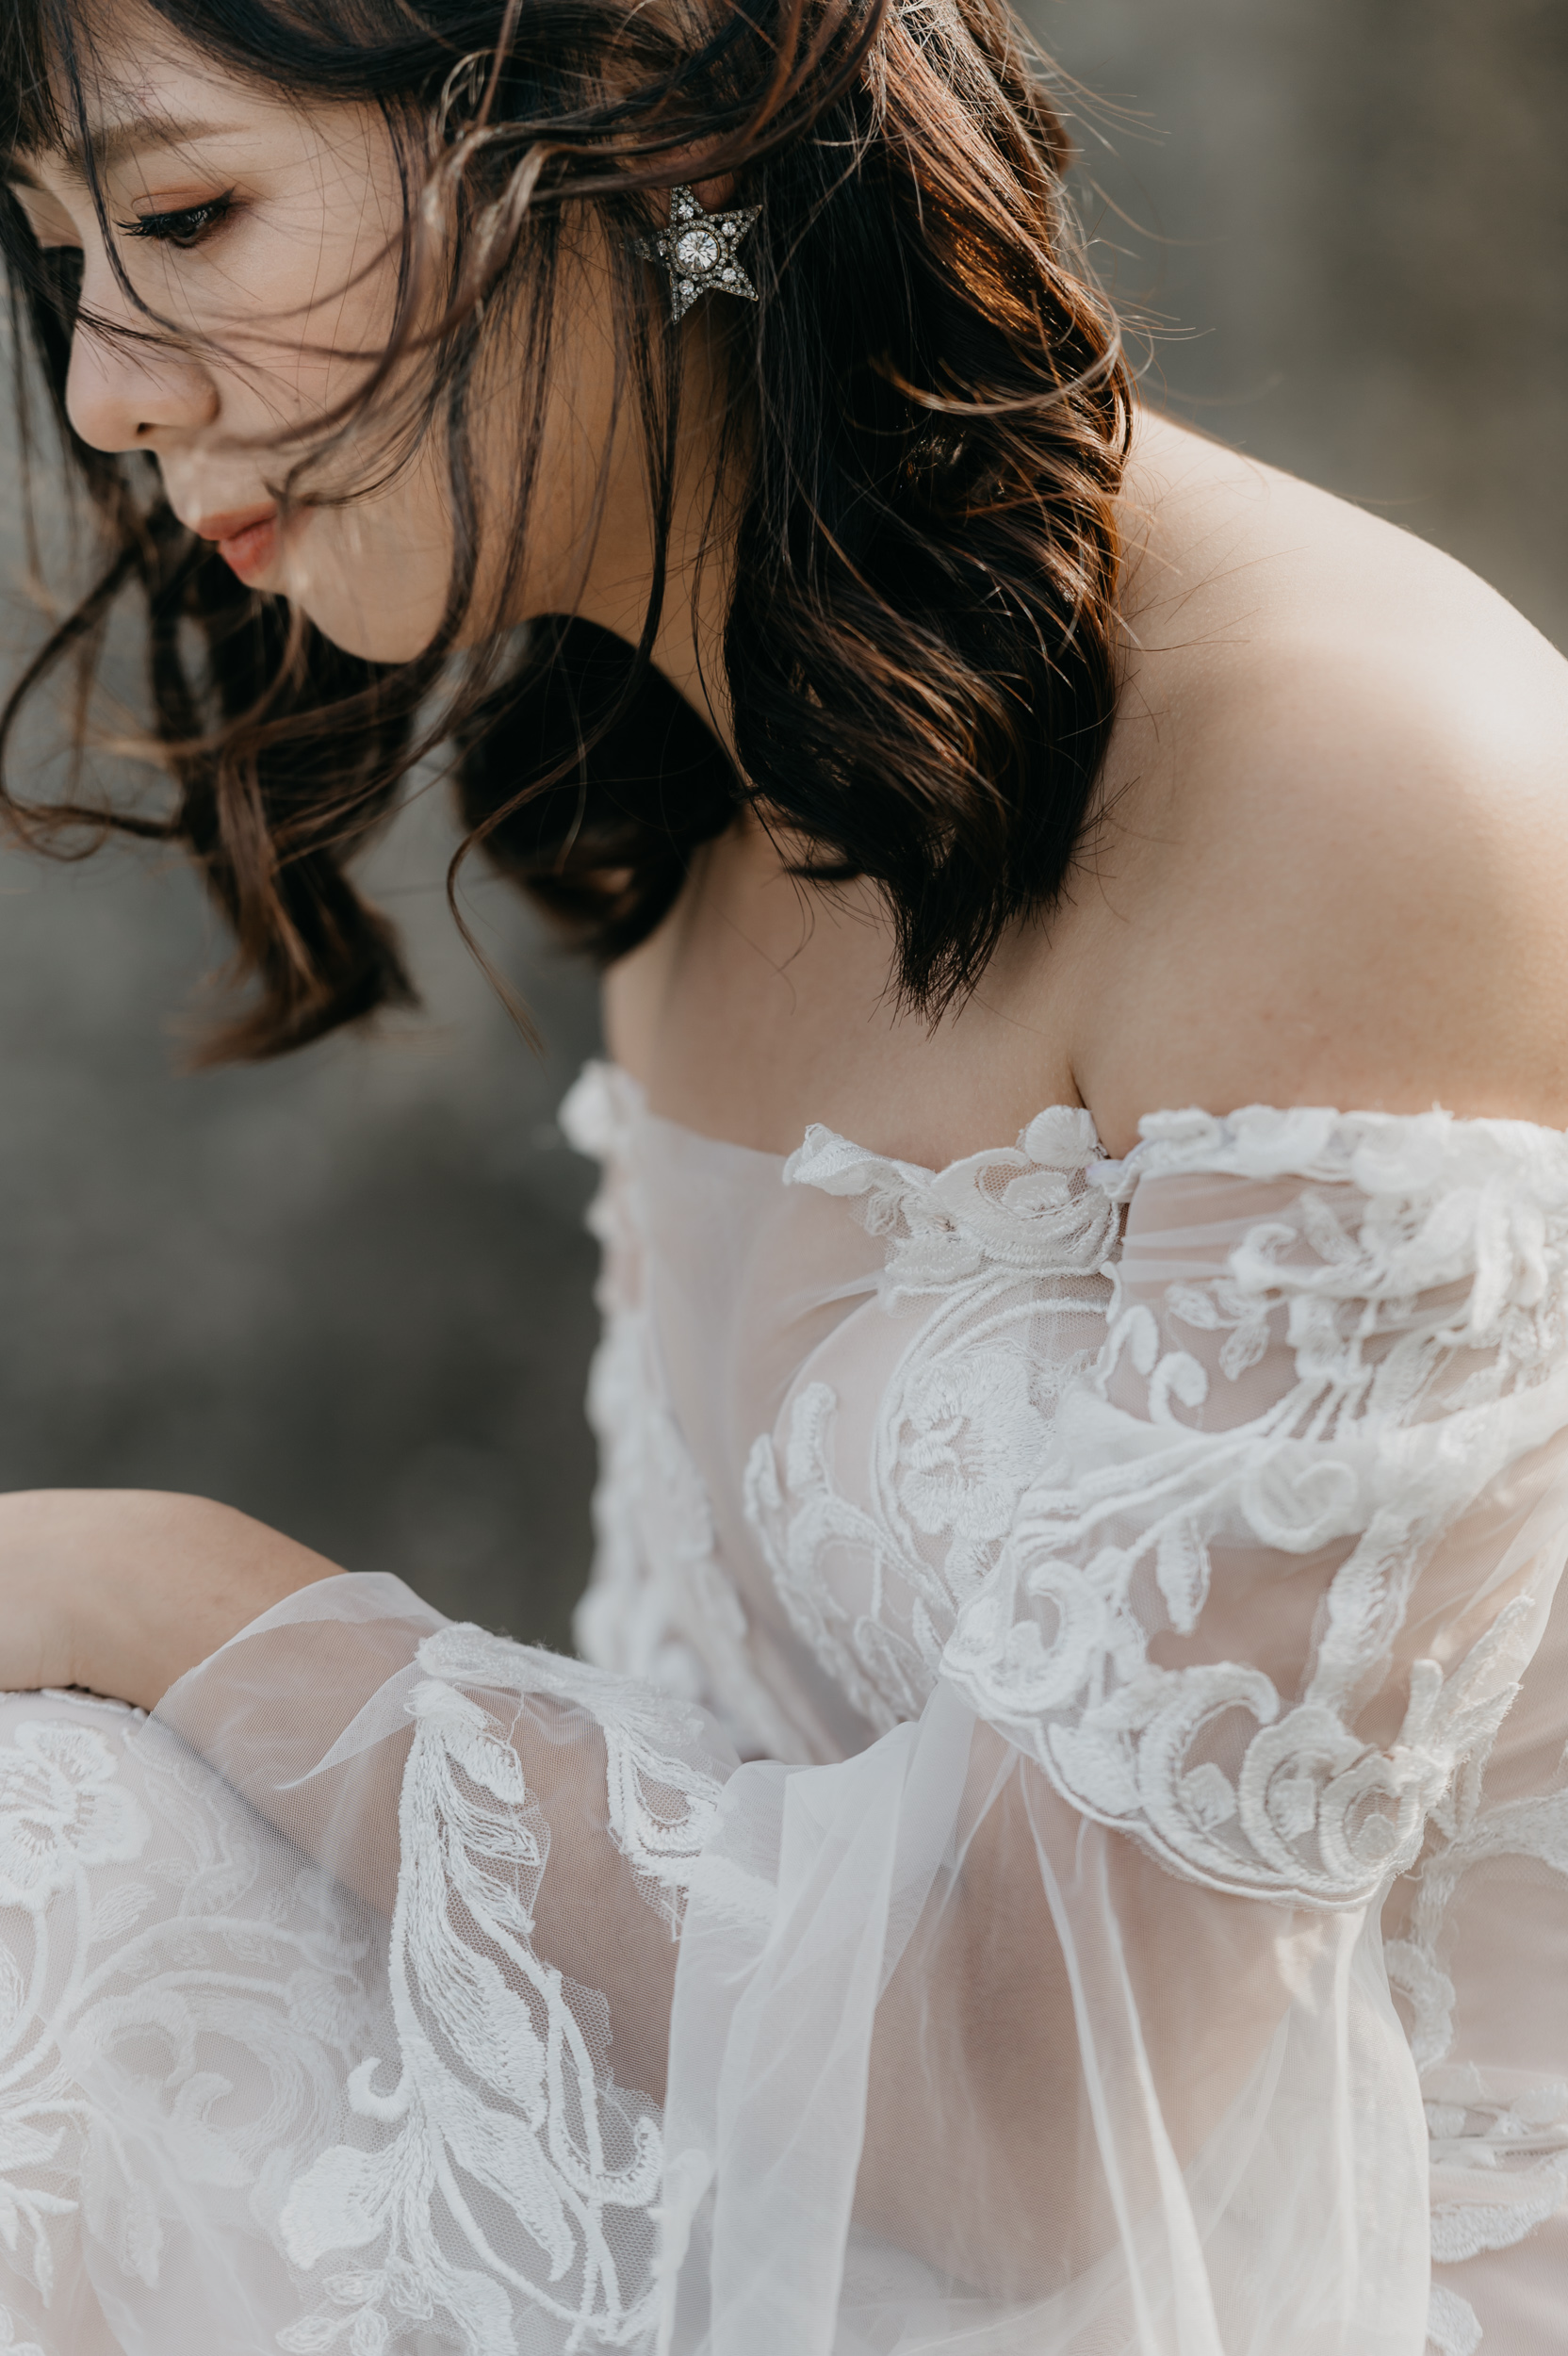 三宇影像,游阿三,自助婚紗,輕婚紗,美式婚紗,韓式婚紗,自然清新,互動,七顆梨西服,宜蘭,仁山植物園,粉鳥林秘境,雙人徐造型,蓓拉米婚紗,